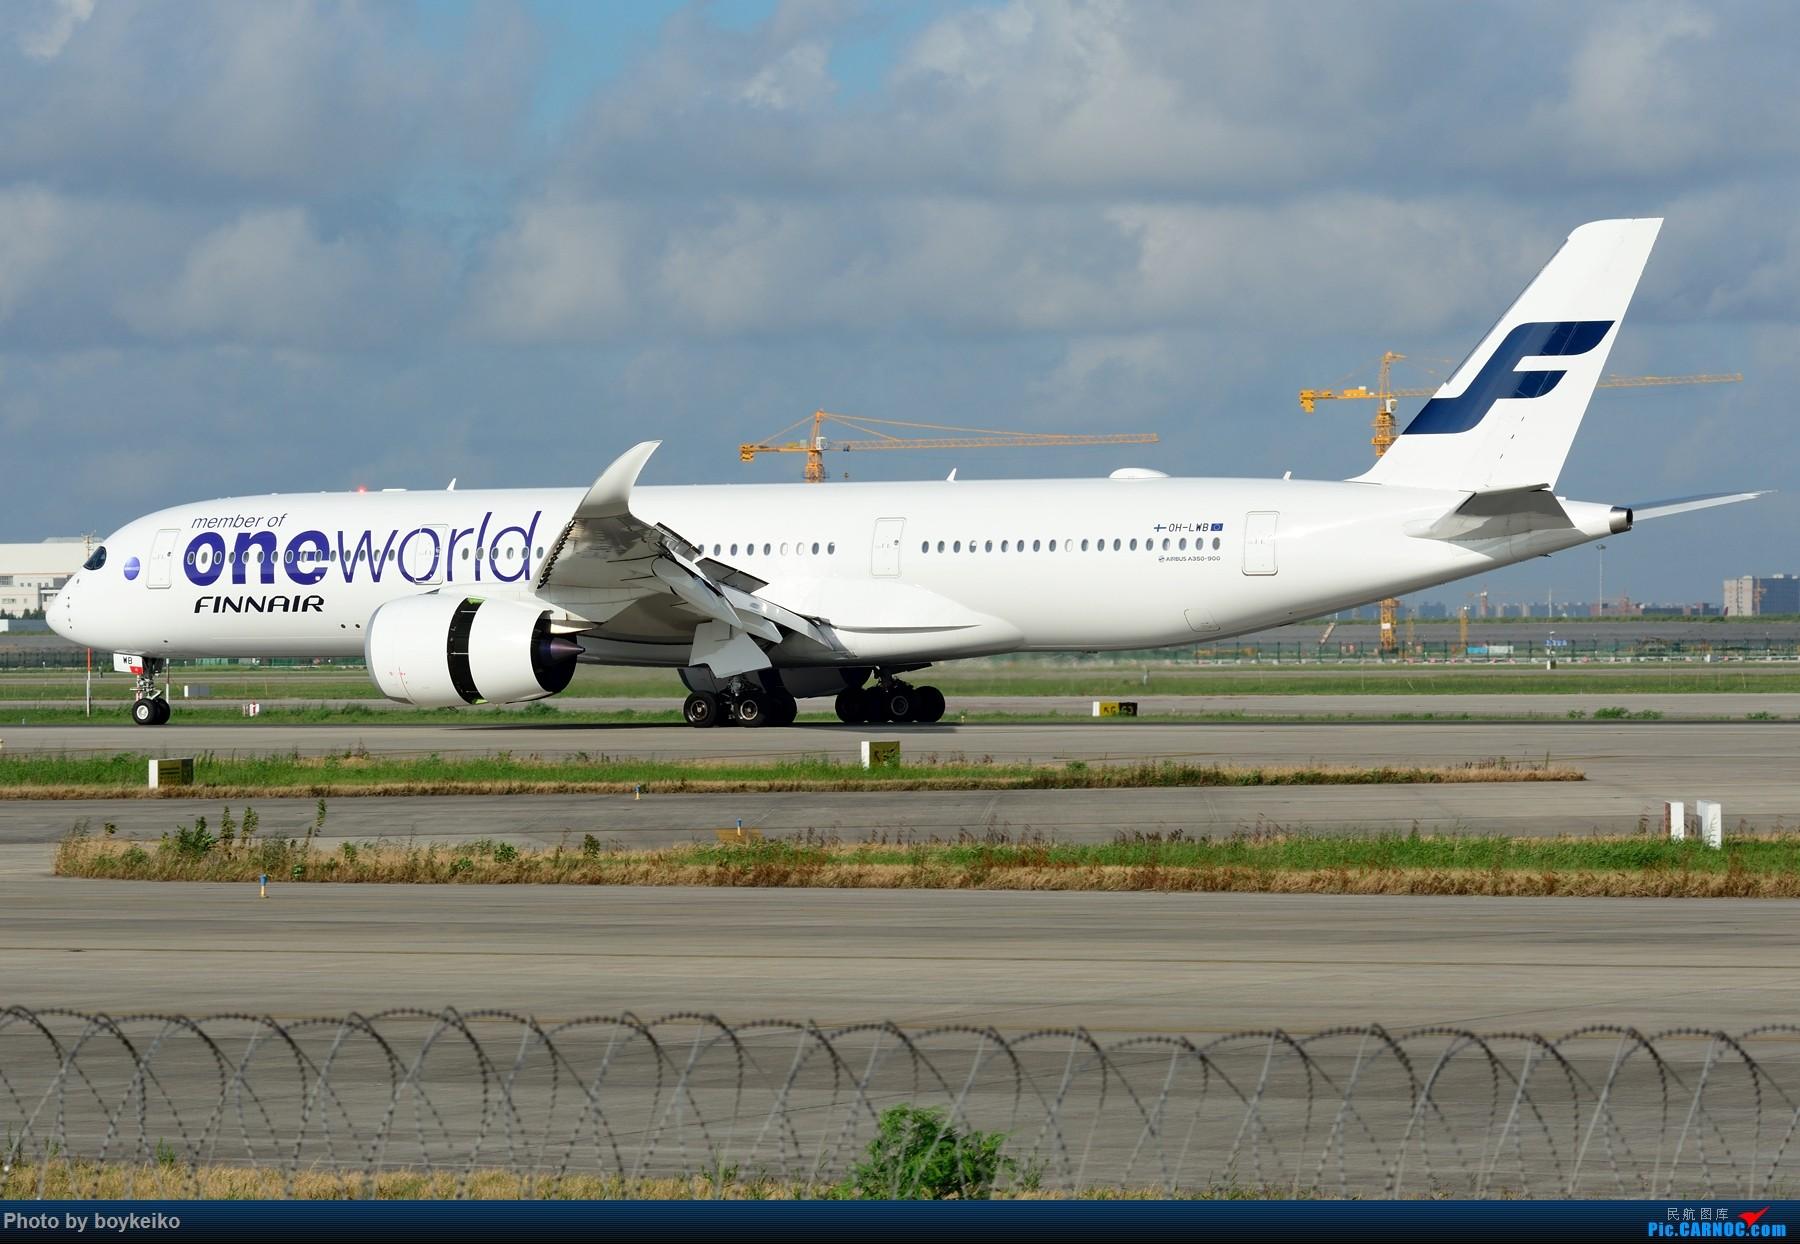 """Re:[原创]【PVG】芬兰航空 A350-900 OH-LWB """"oneworld""""涂装 AIRBUS A350-900 OH-LWB 中国上海浦东国际机场"""